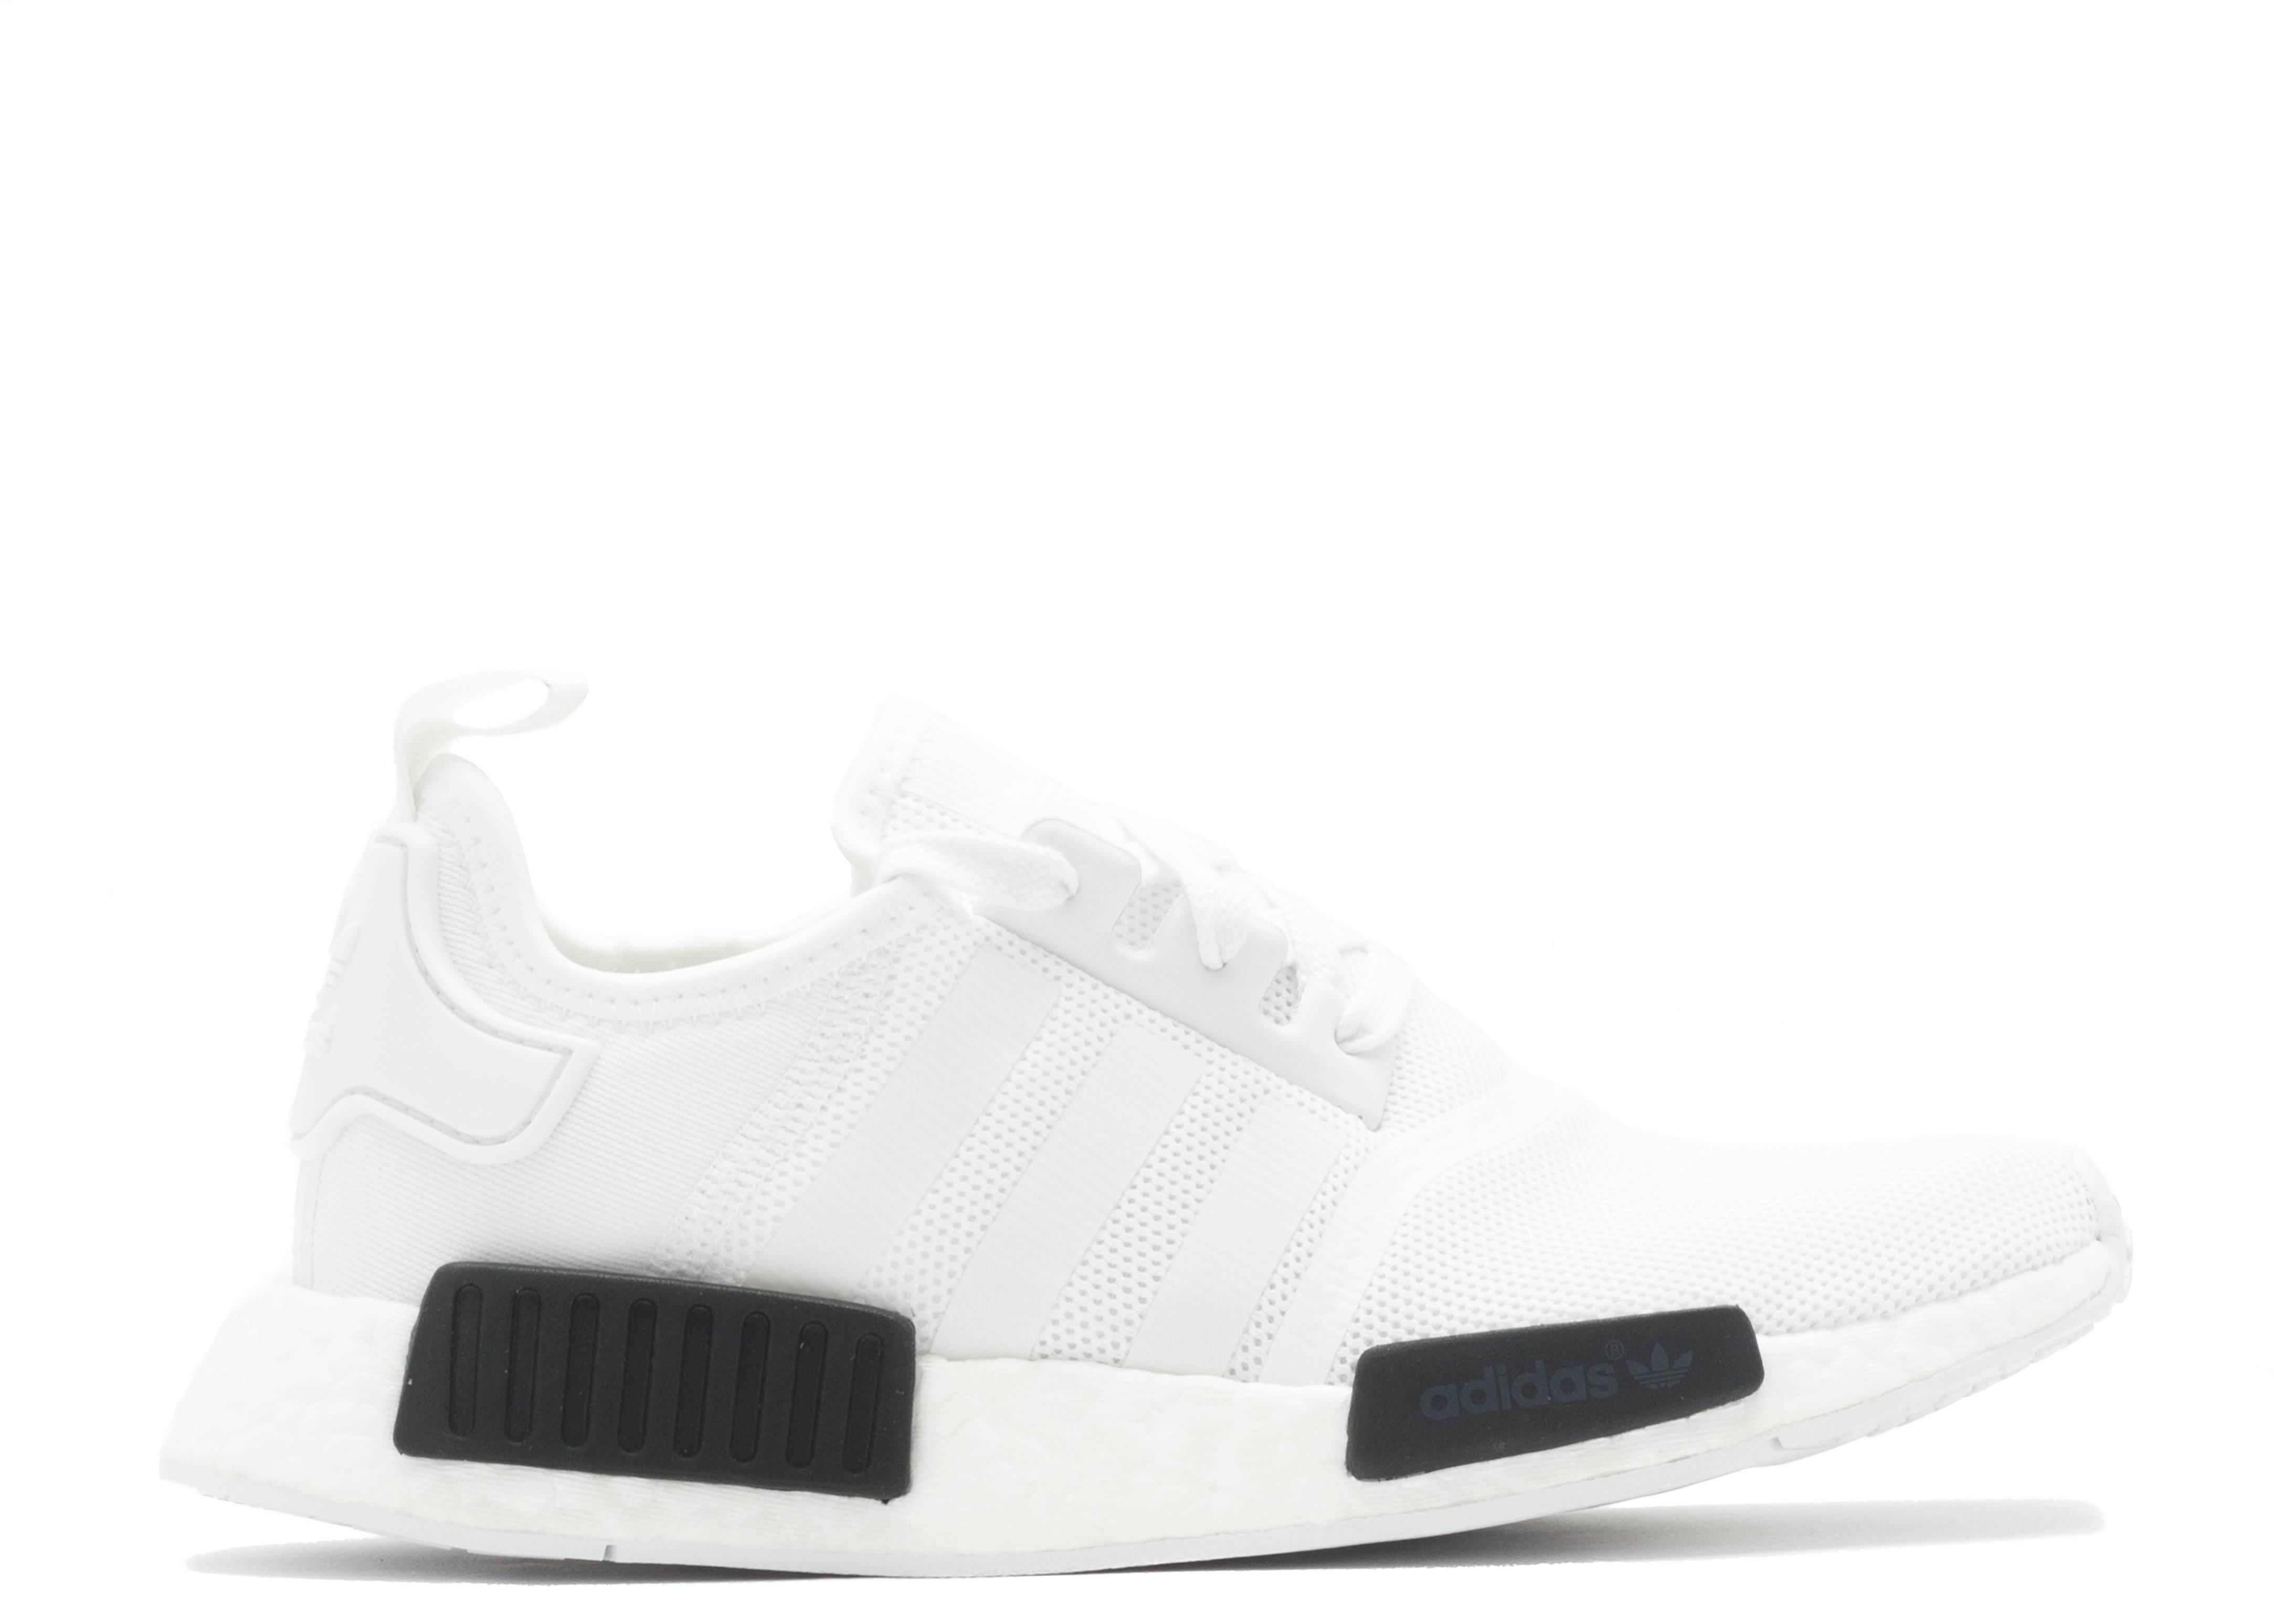 11944b5ea2f8e Nmd R1 - Adidas - bb1968 - white black